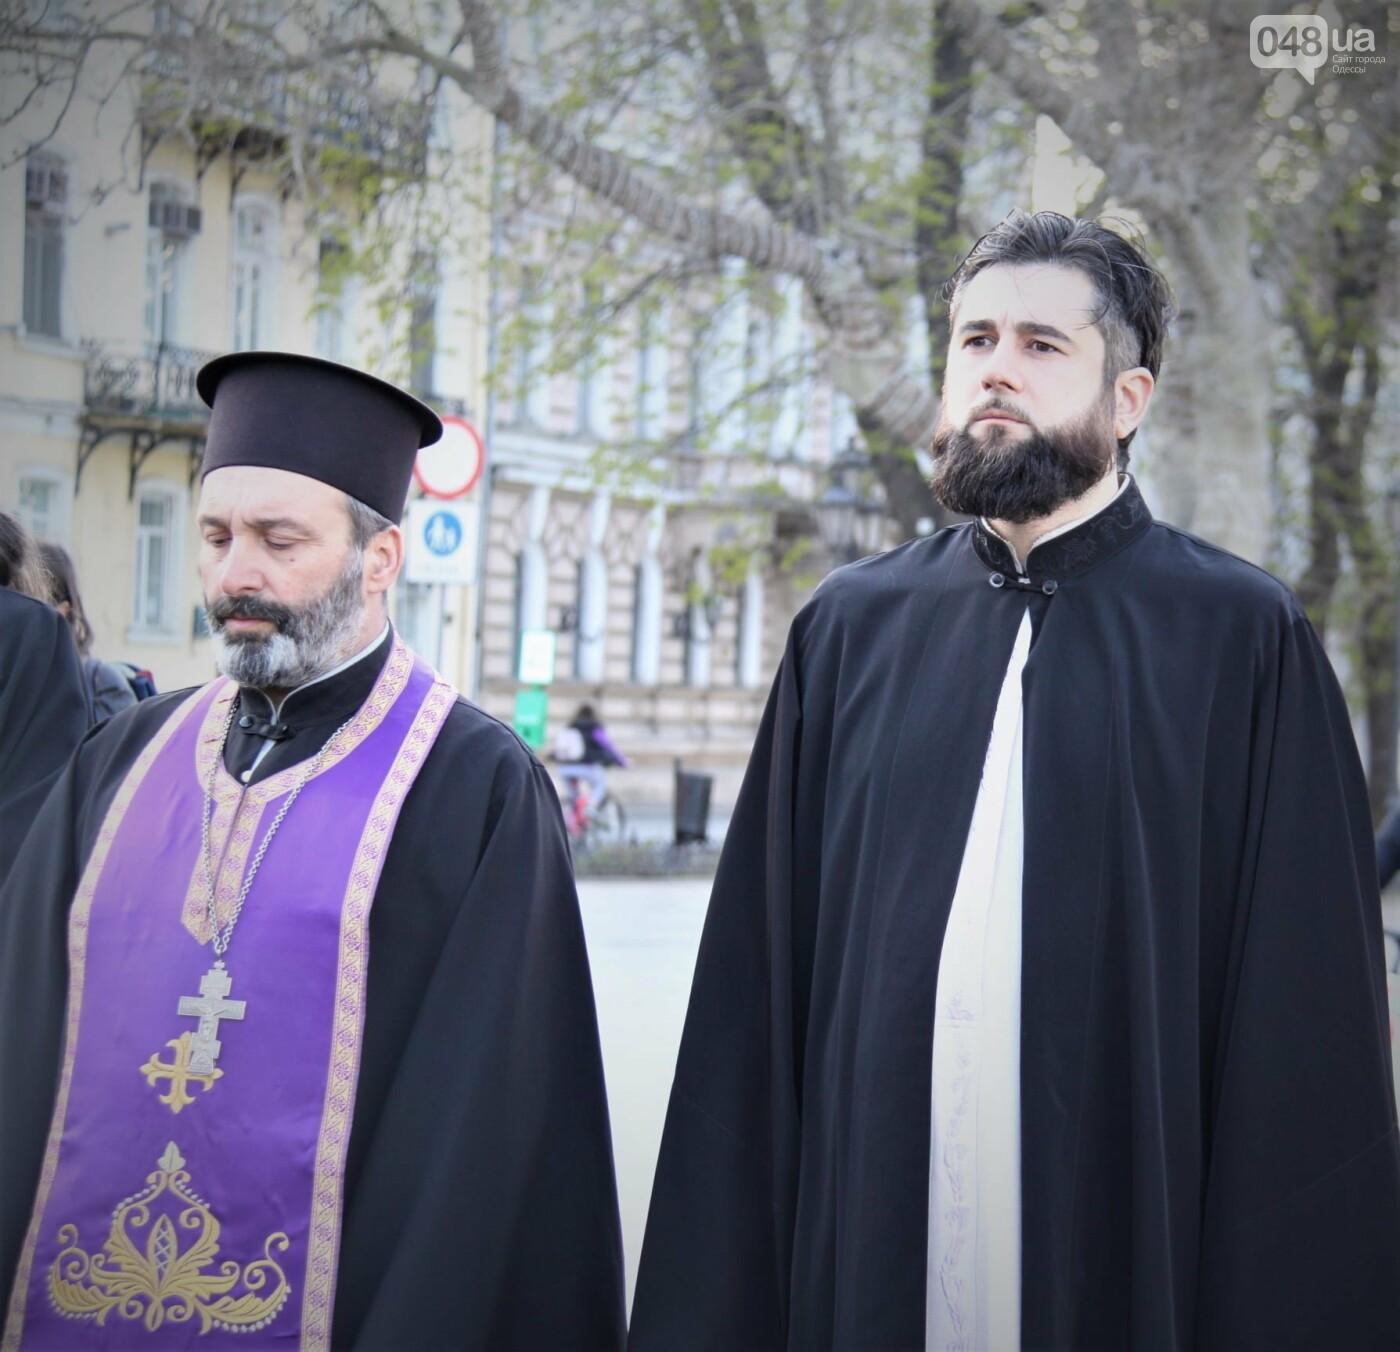 В Одессе молились за мир и прекращение войны в Украине,- ФОТО, фото-7